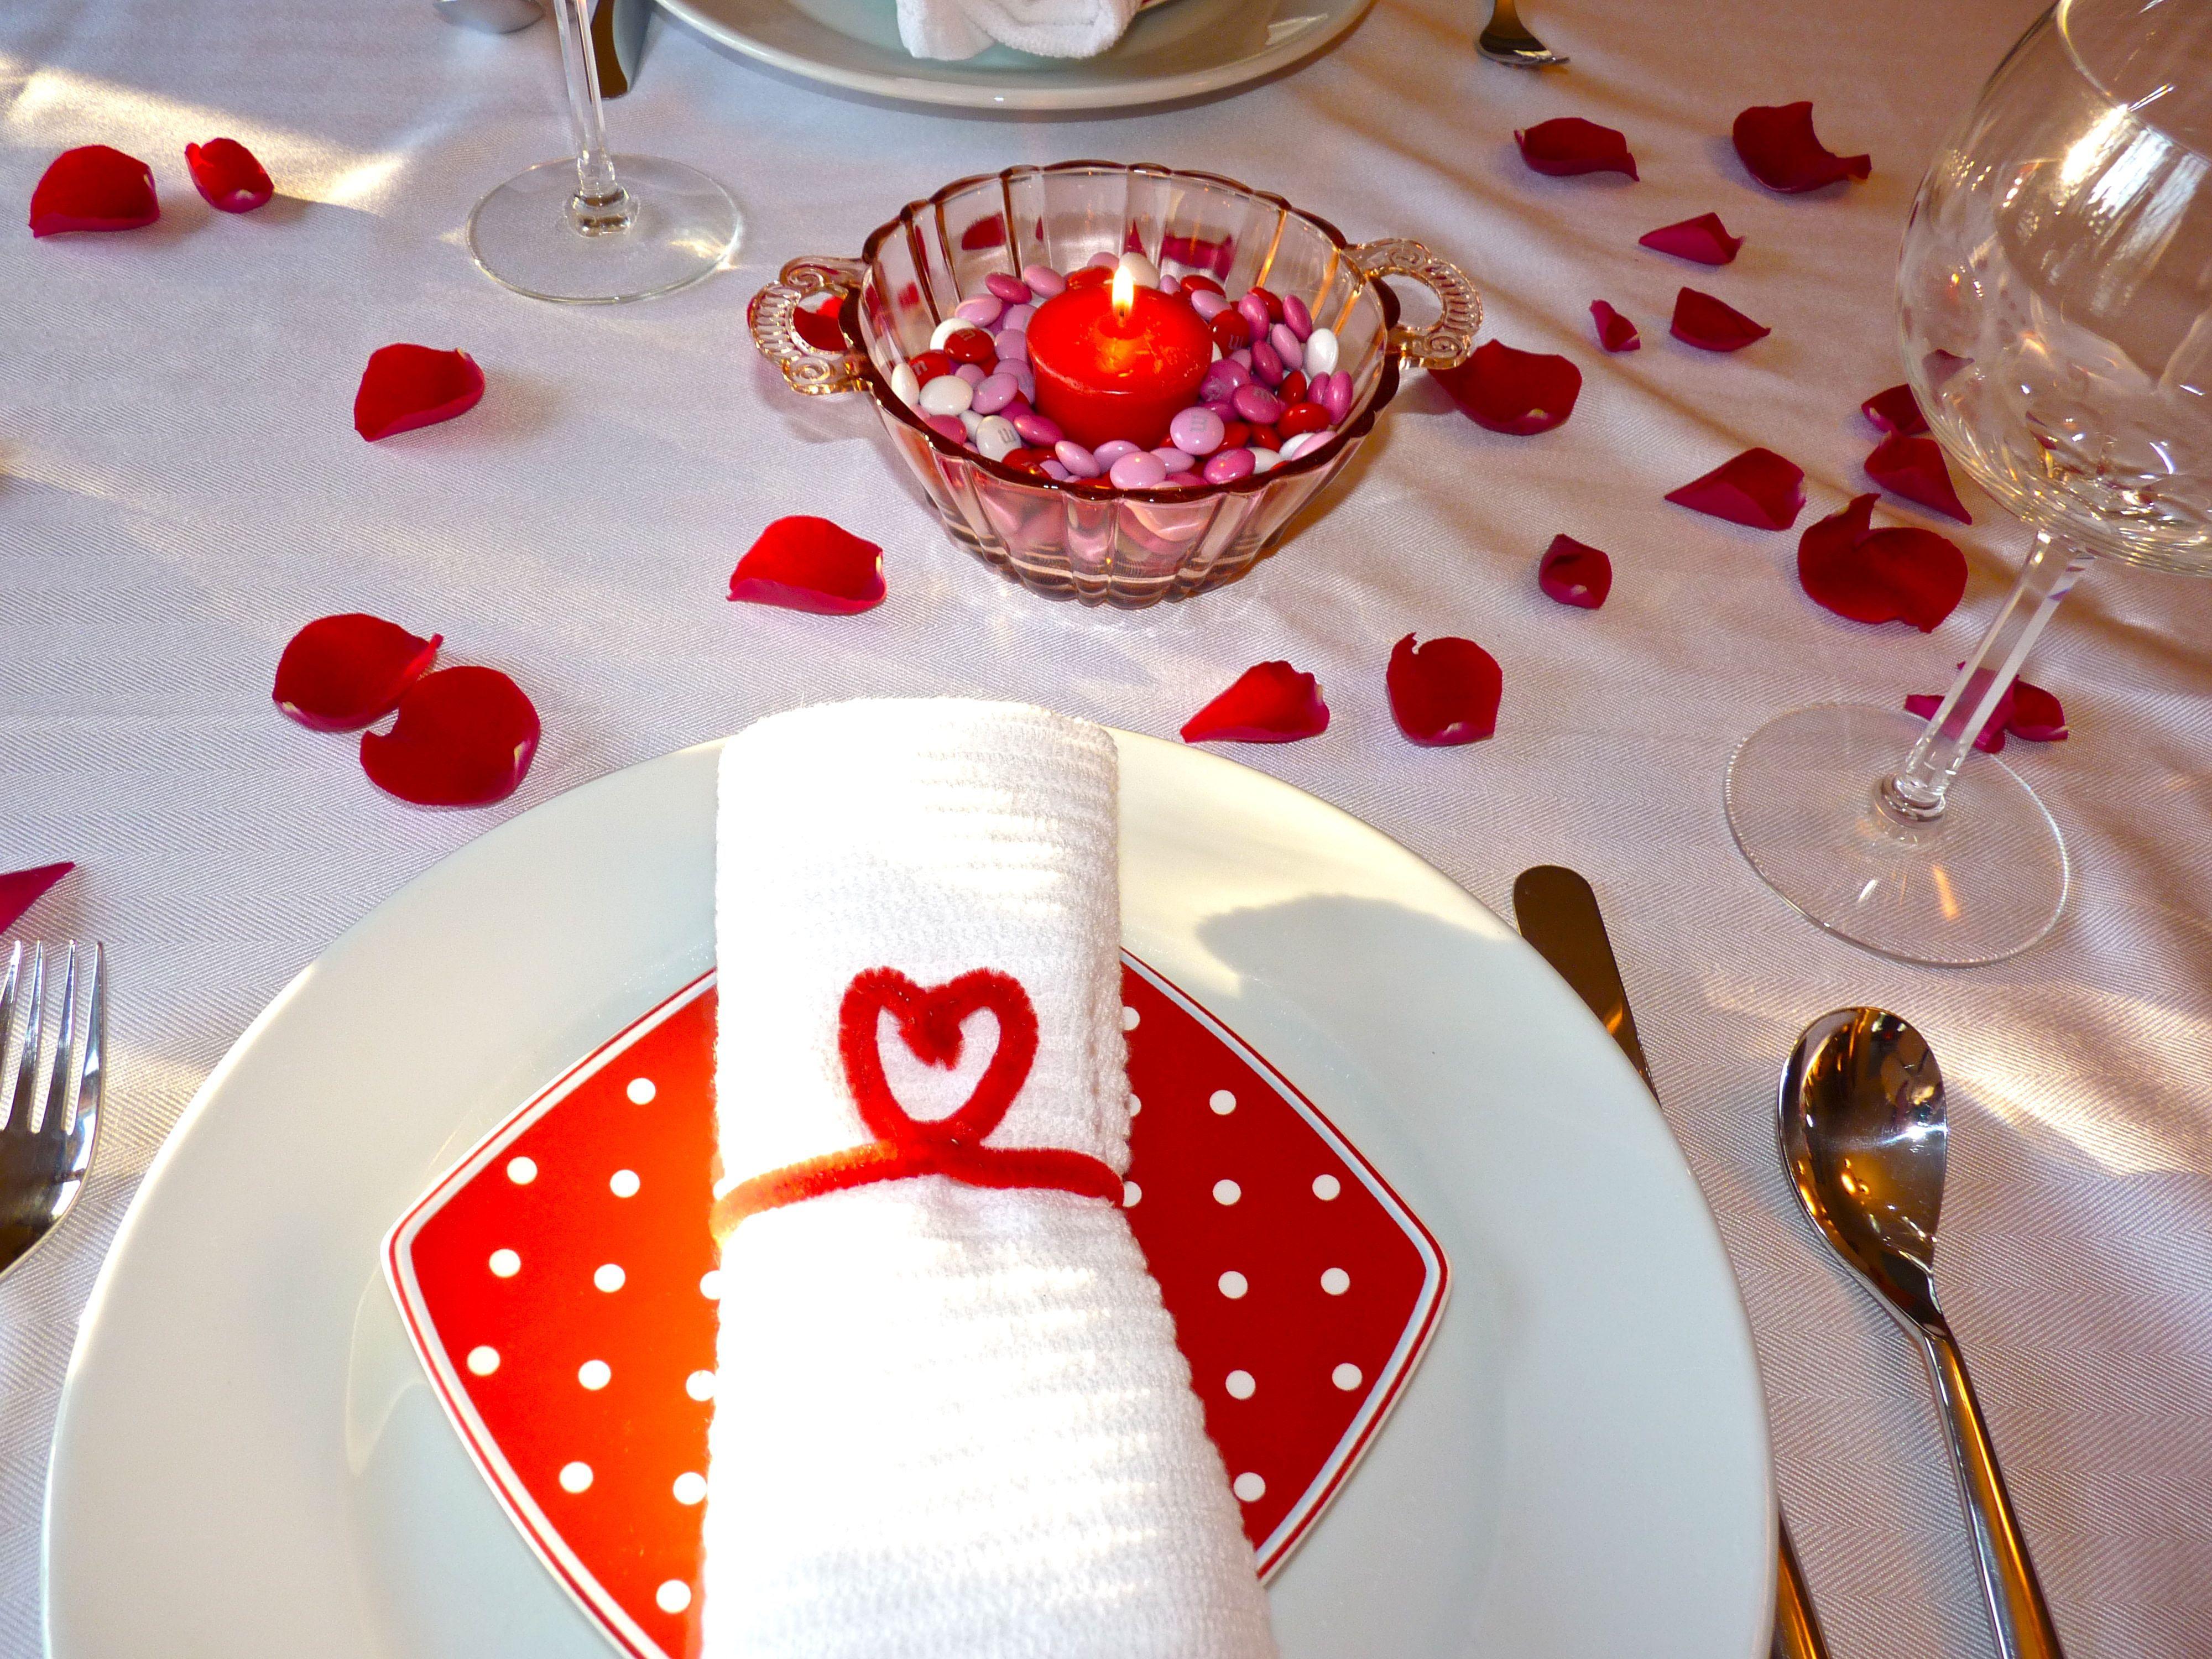 Как сделать уютный романтический ужин своими руками 54